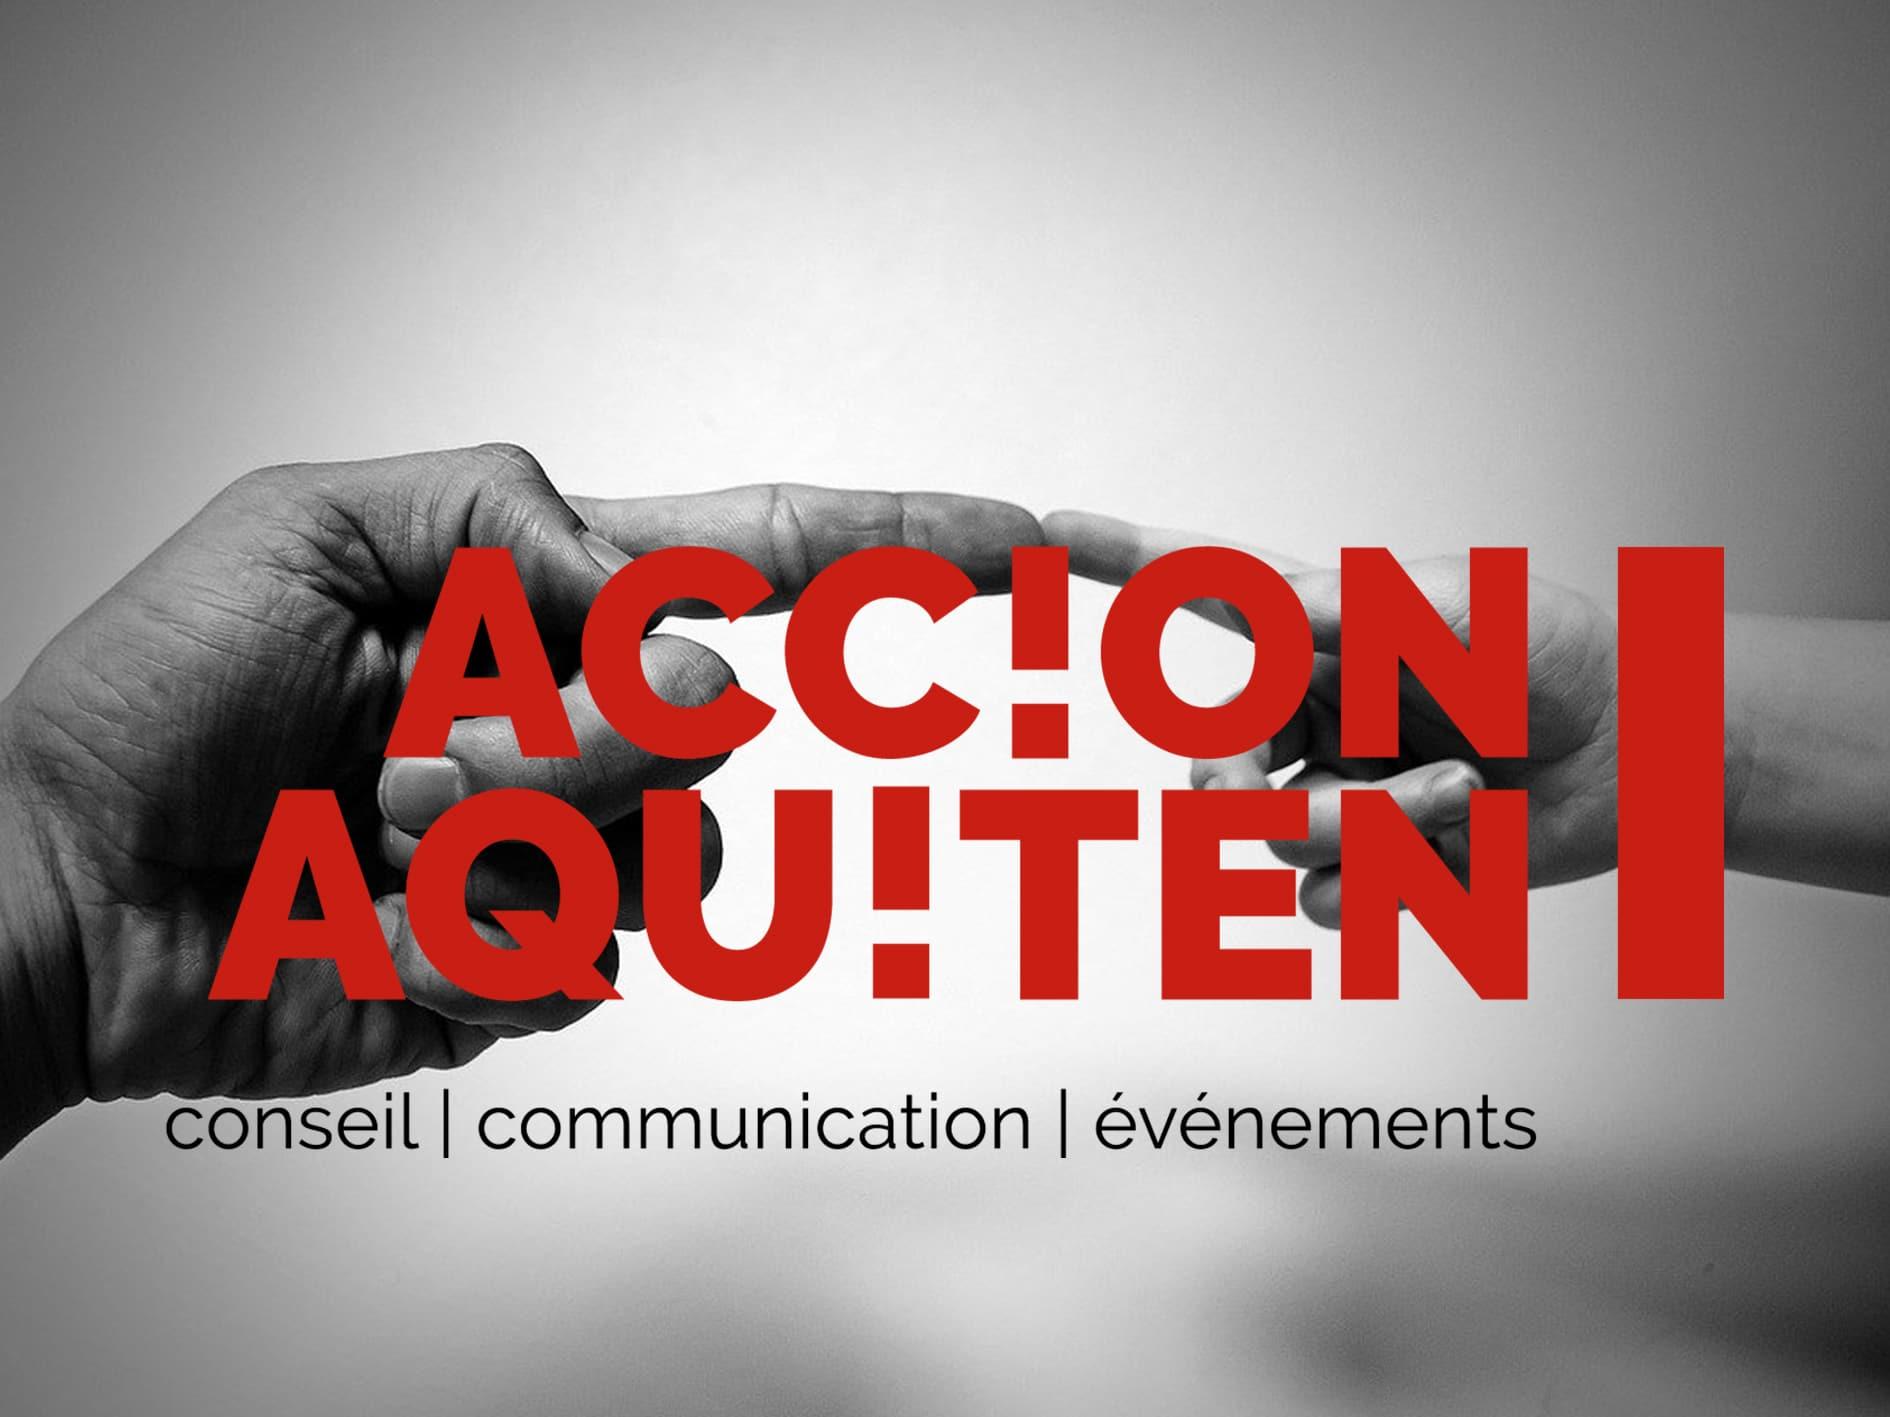 ACCION AQUITEN